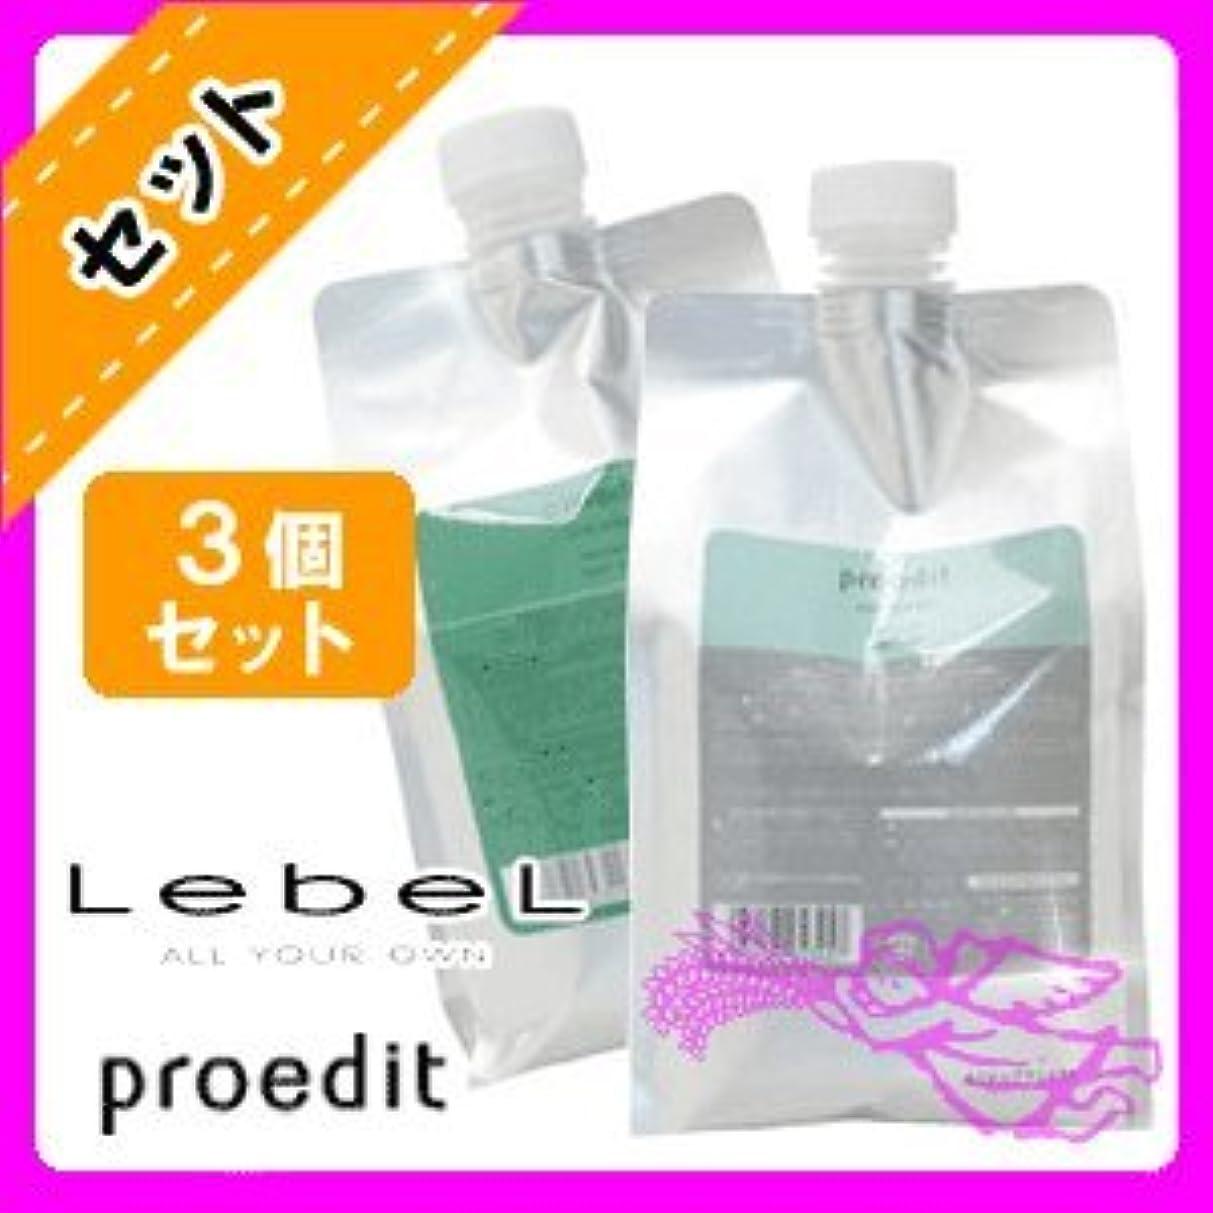 飼い慣らす立場フィクションルベル プロエディット シャンプー ソフトフィット 1000mL ×3個 セット & トリートメント ソフトフィット 1000mL ×3個 セット 詰め替え用 セット まとまりやすくさらさらな仕上がり LebeL proedit